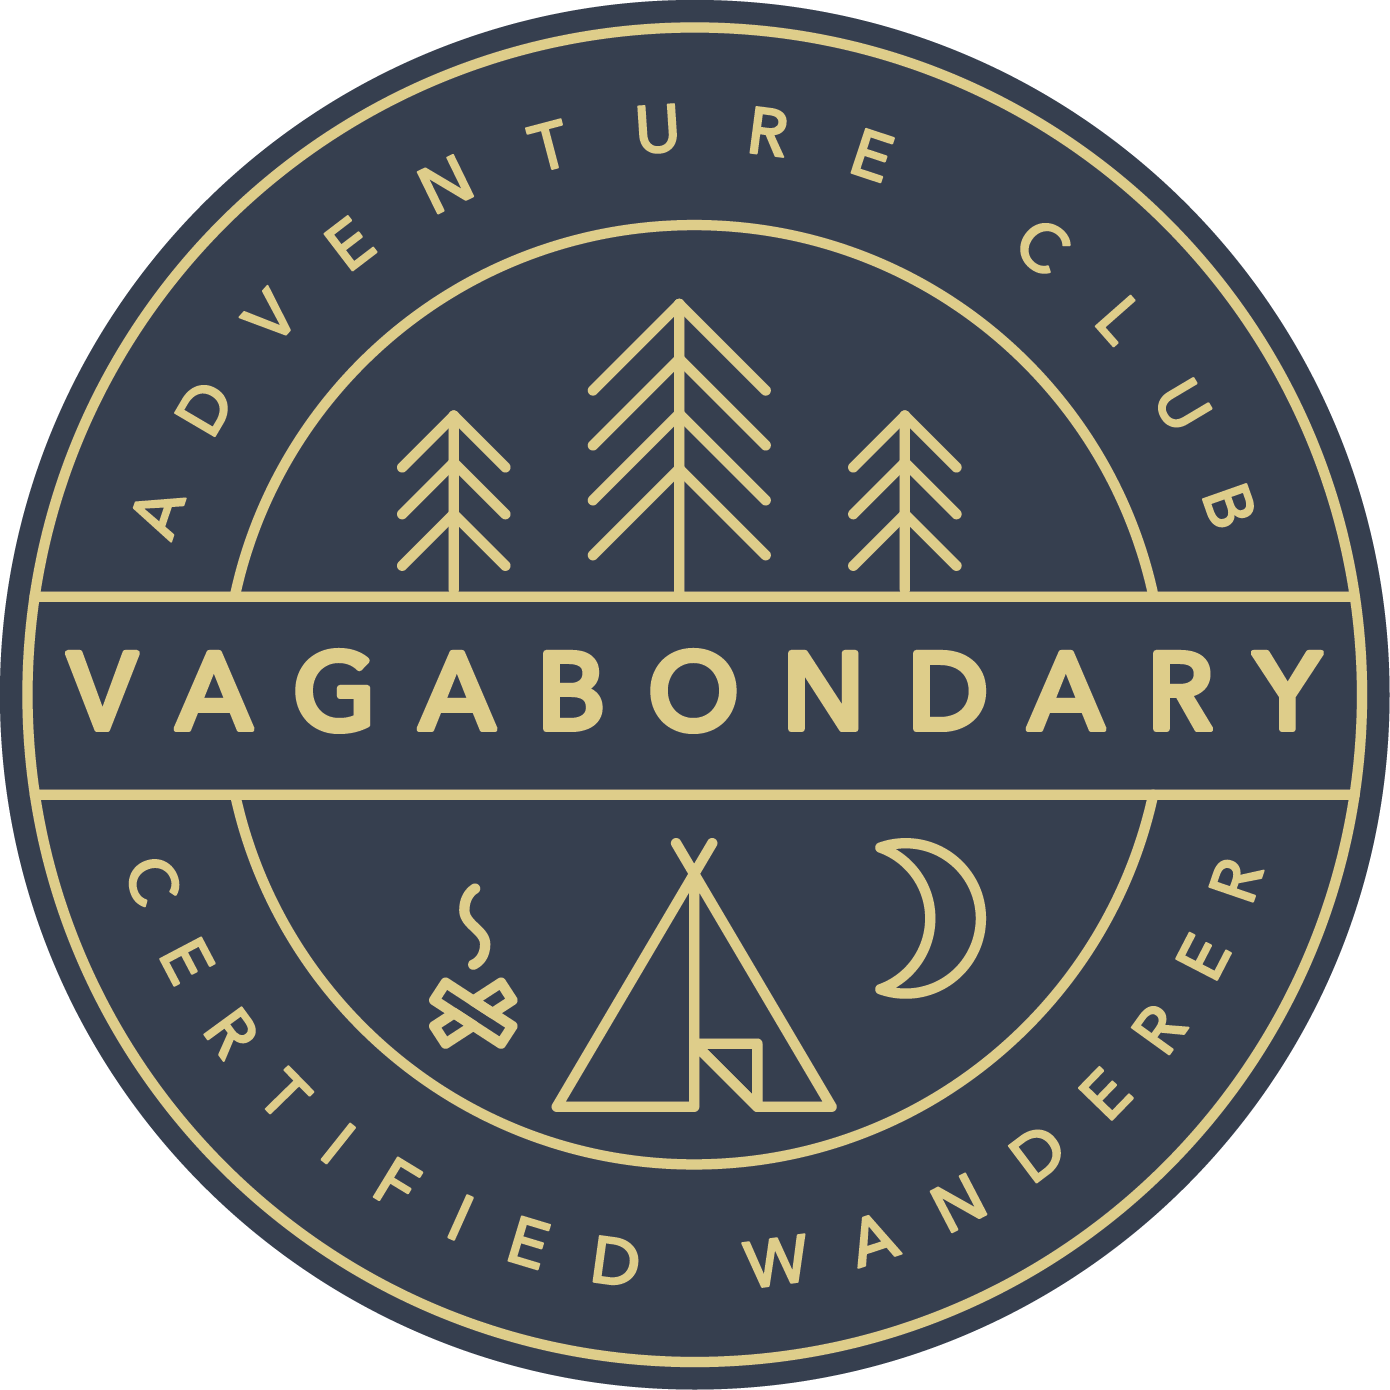 Vagabondary